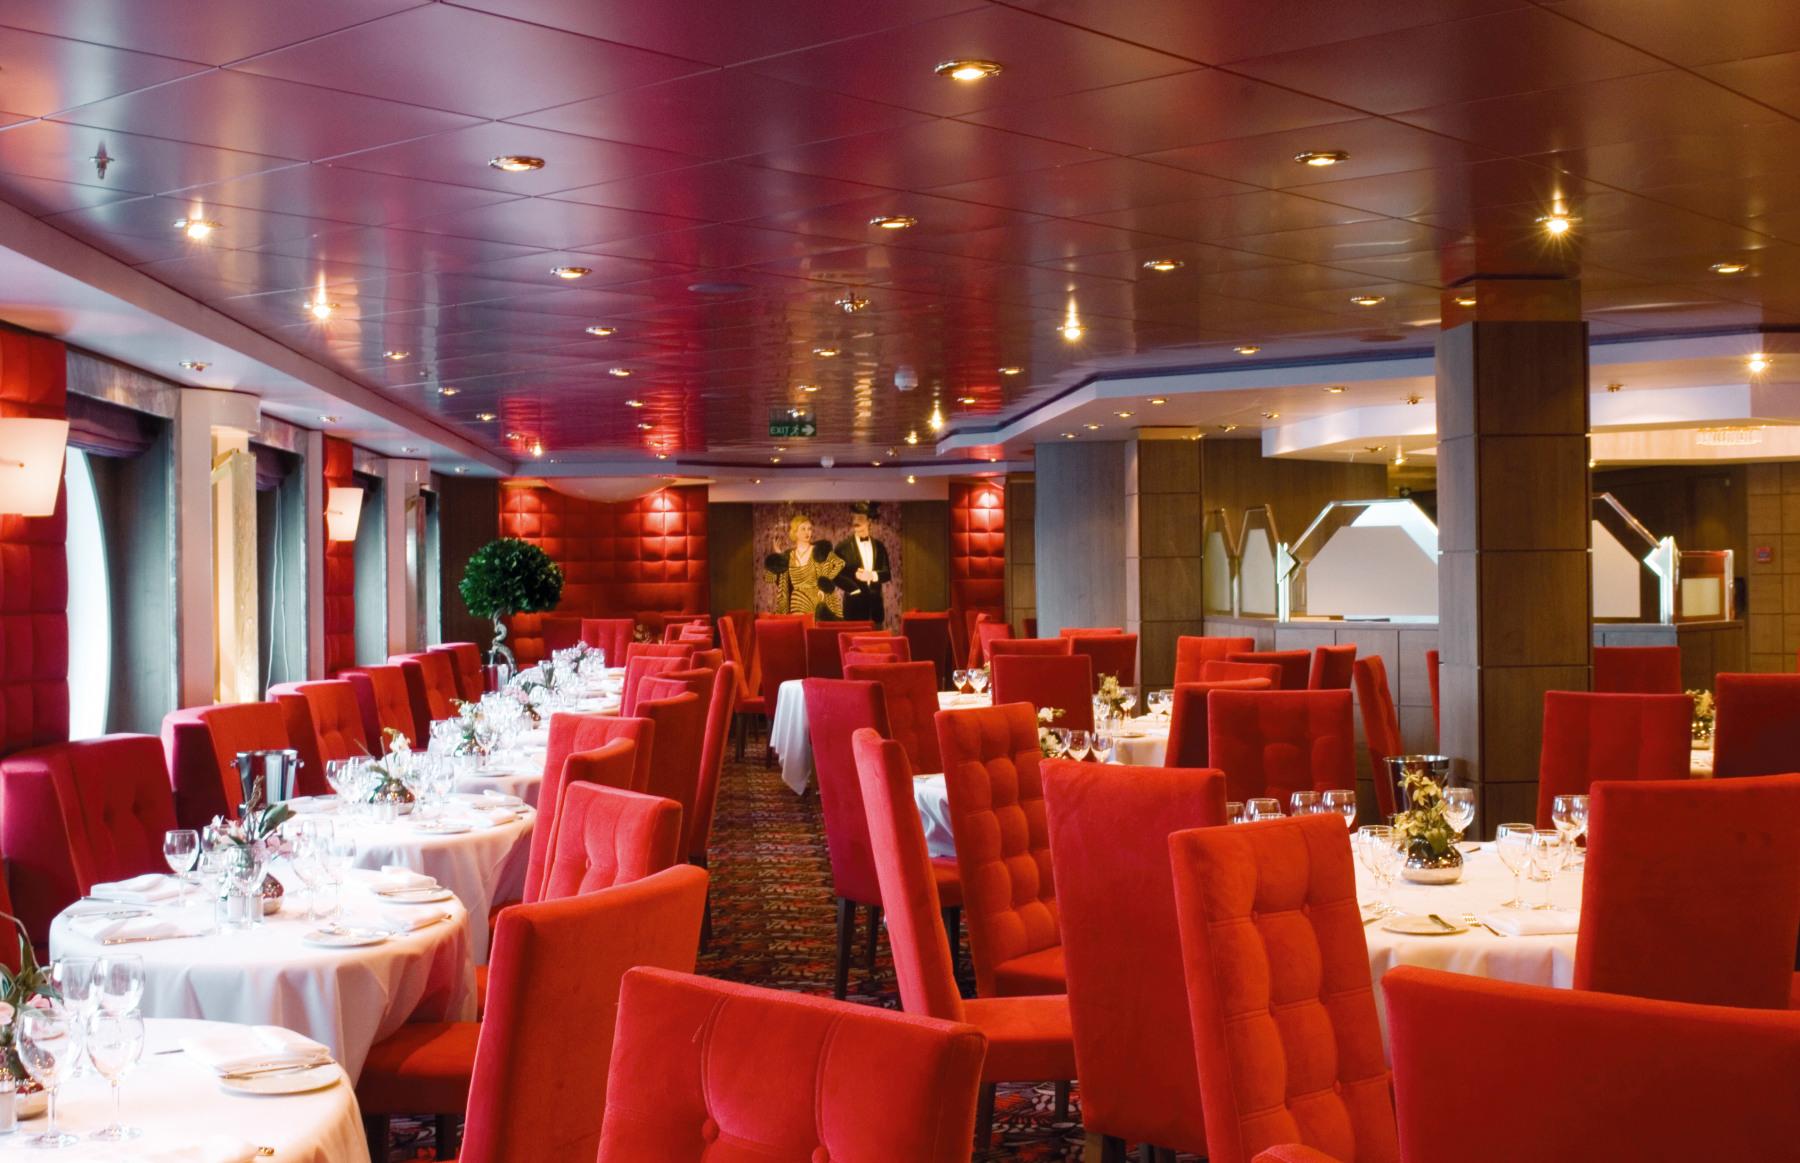 MSC Musica Class maxims restaurant 2.jpg